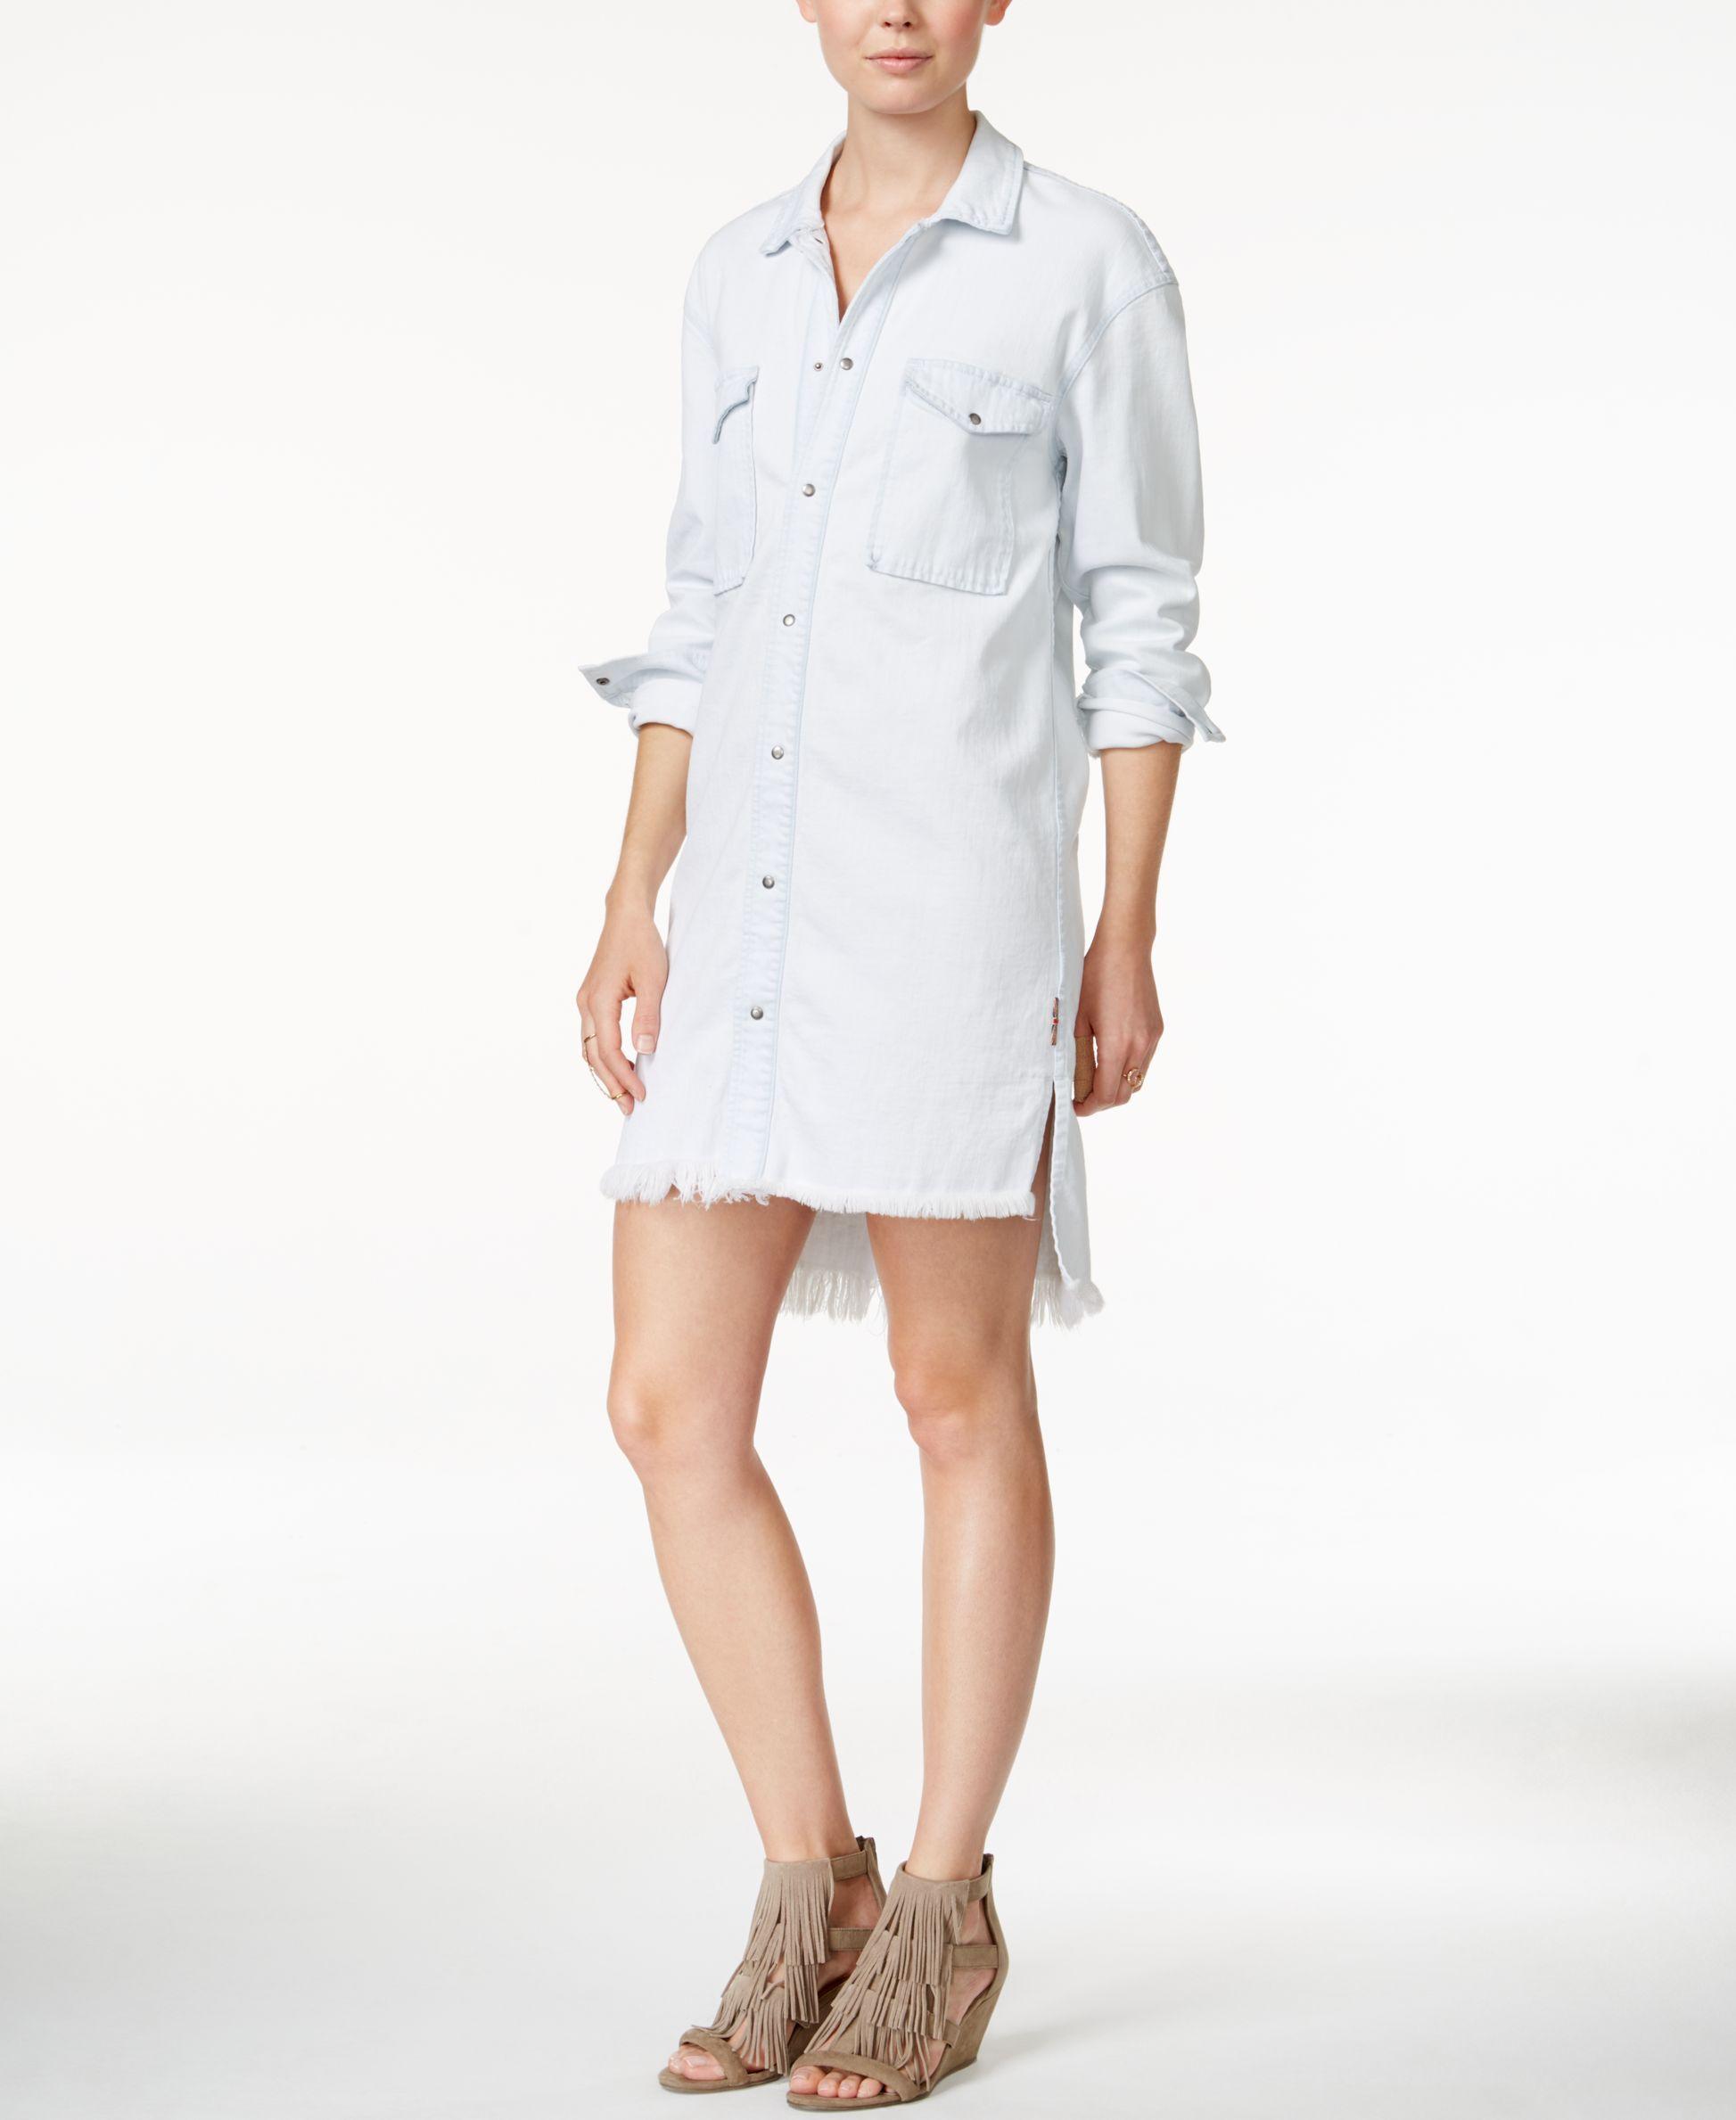 Hudson Jeans Frayed-Hem Denim Shirtdress